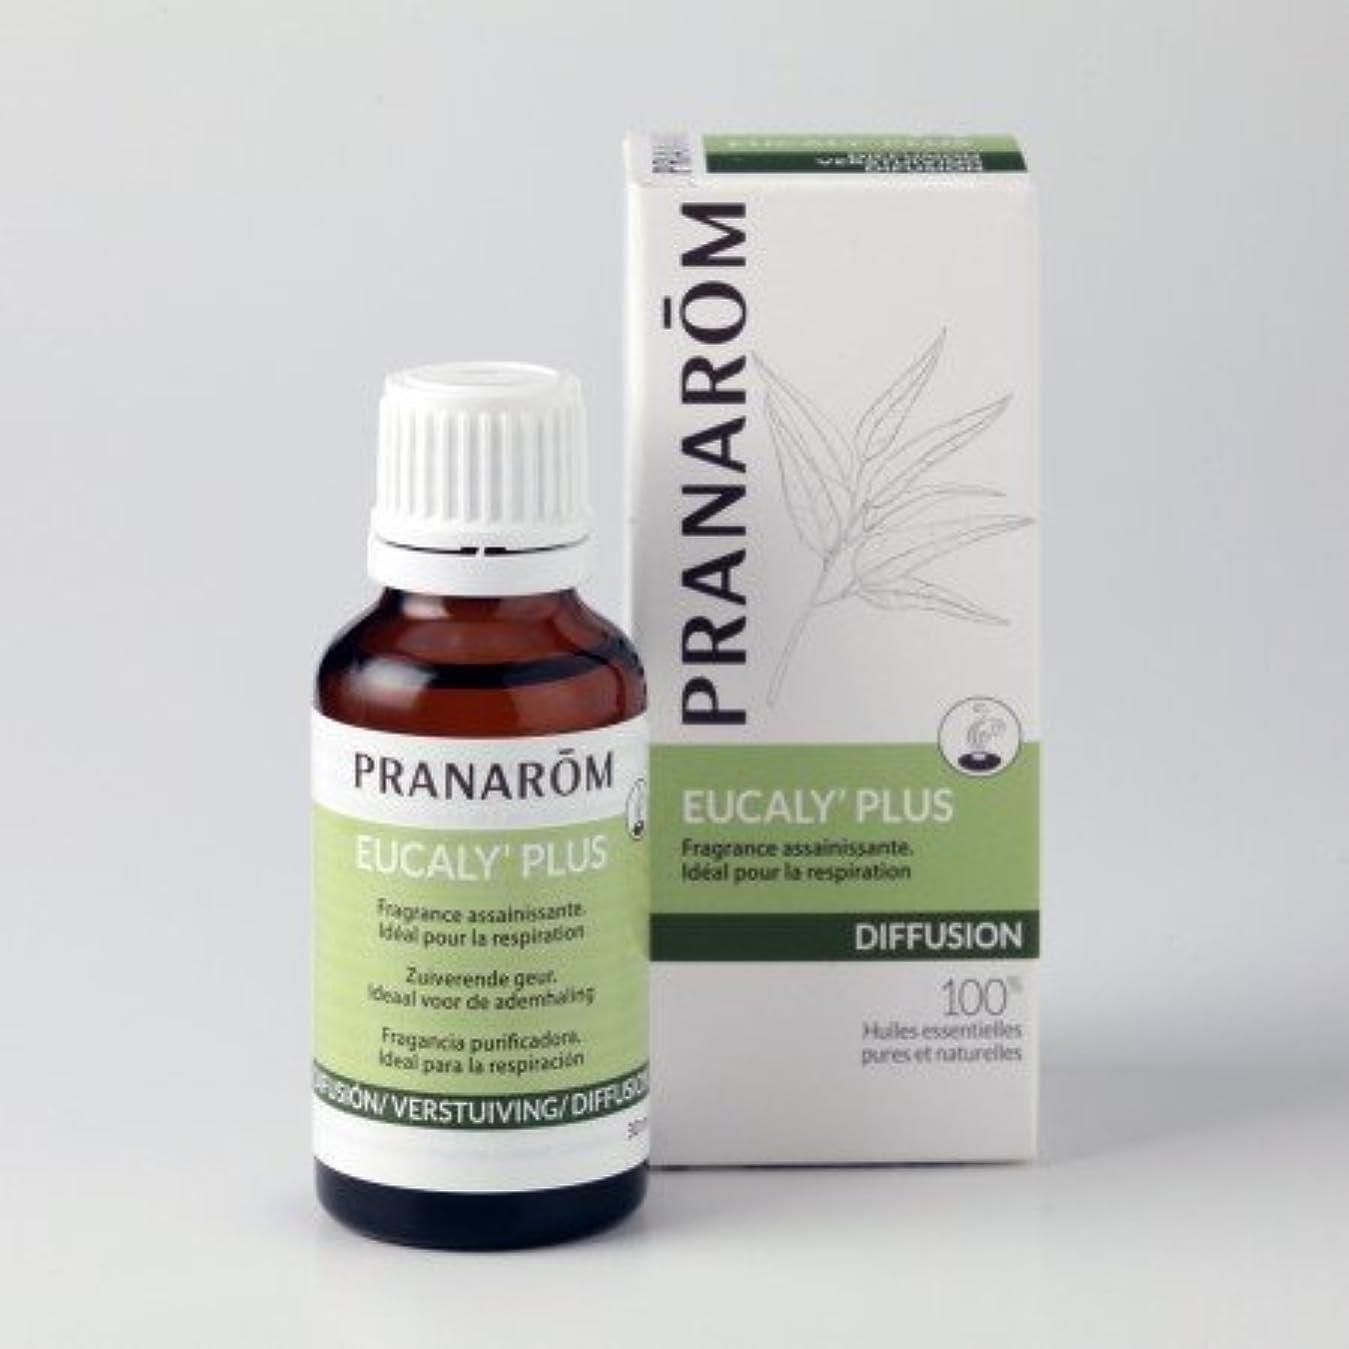 月面厚さバイバイプラナロム ( PRANAROM ) ルームコロン 胸一杯のフレッシュエア ユーカリプラス 30ml 02590 エアフレッシュナー ( 芳香剤 )